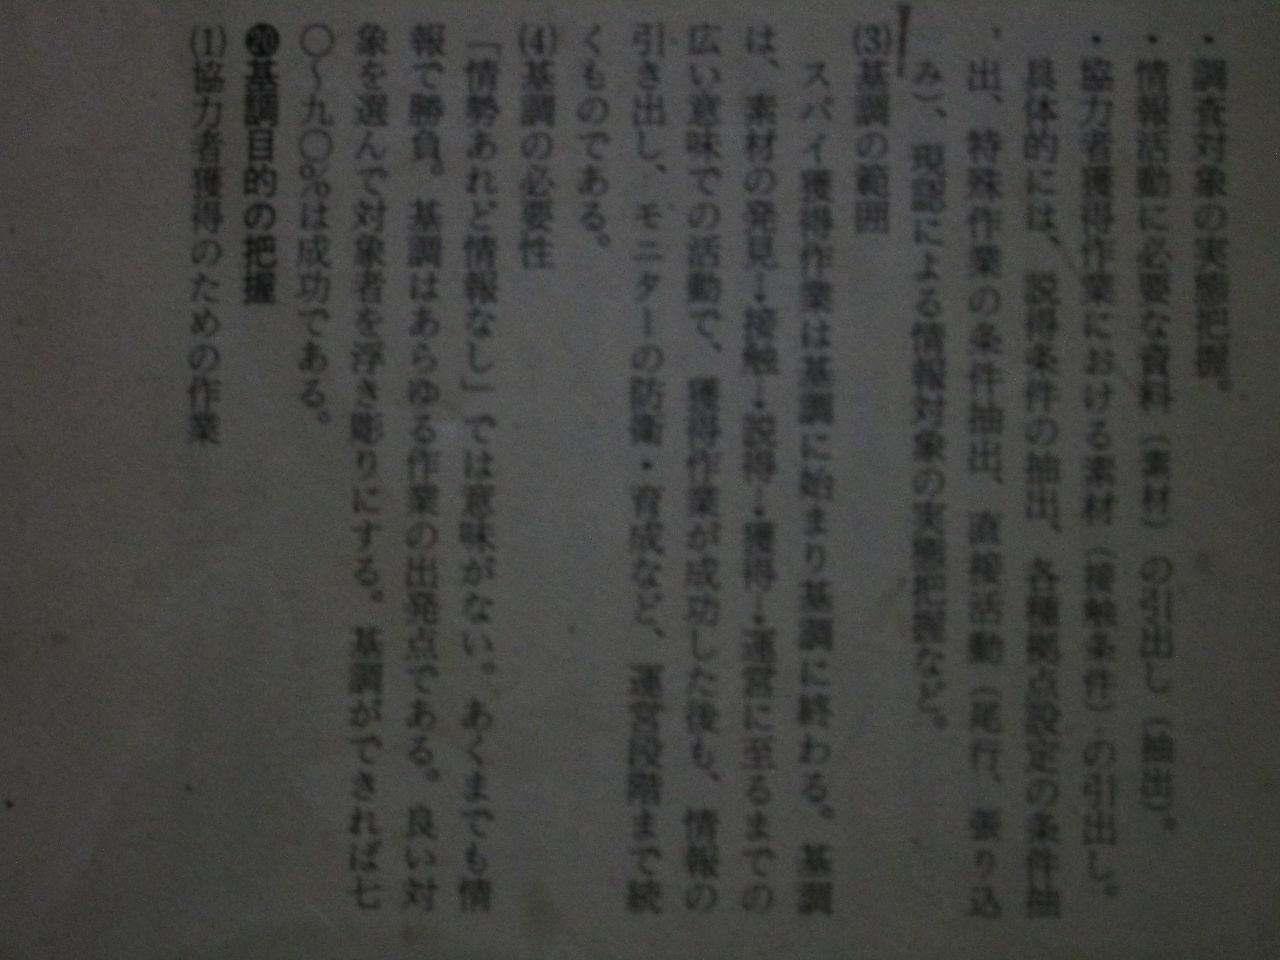 7283 - 愛三工業(株) > 小岩井は逮捕されて欲しい > やって良い事と悪い事がある > 小岩井のやってい